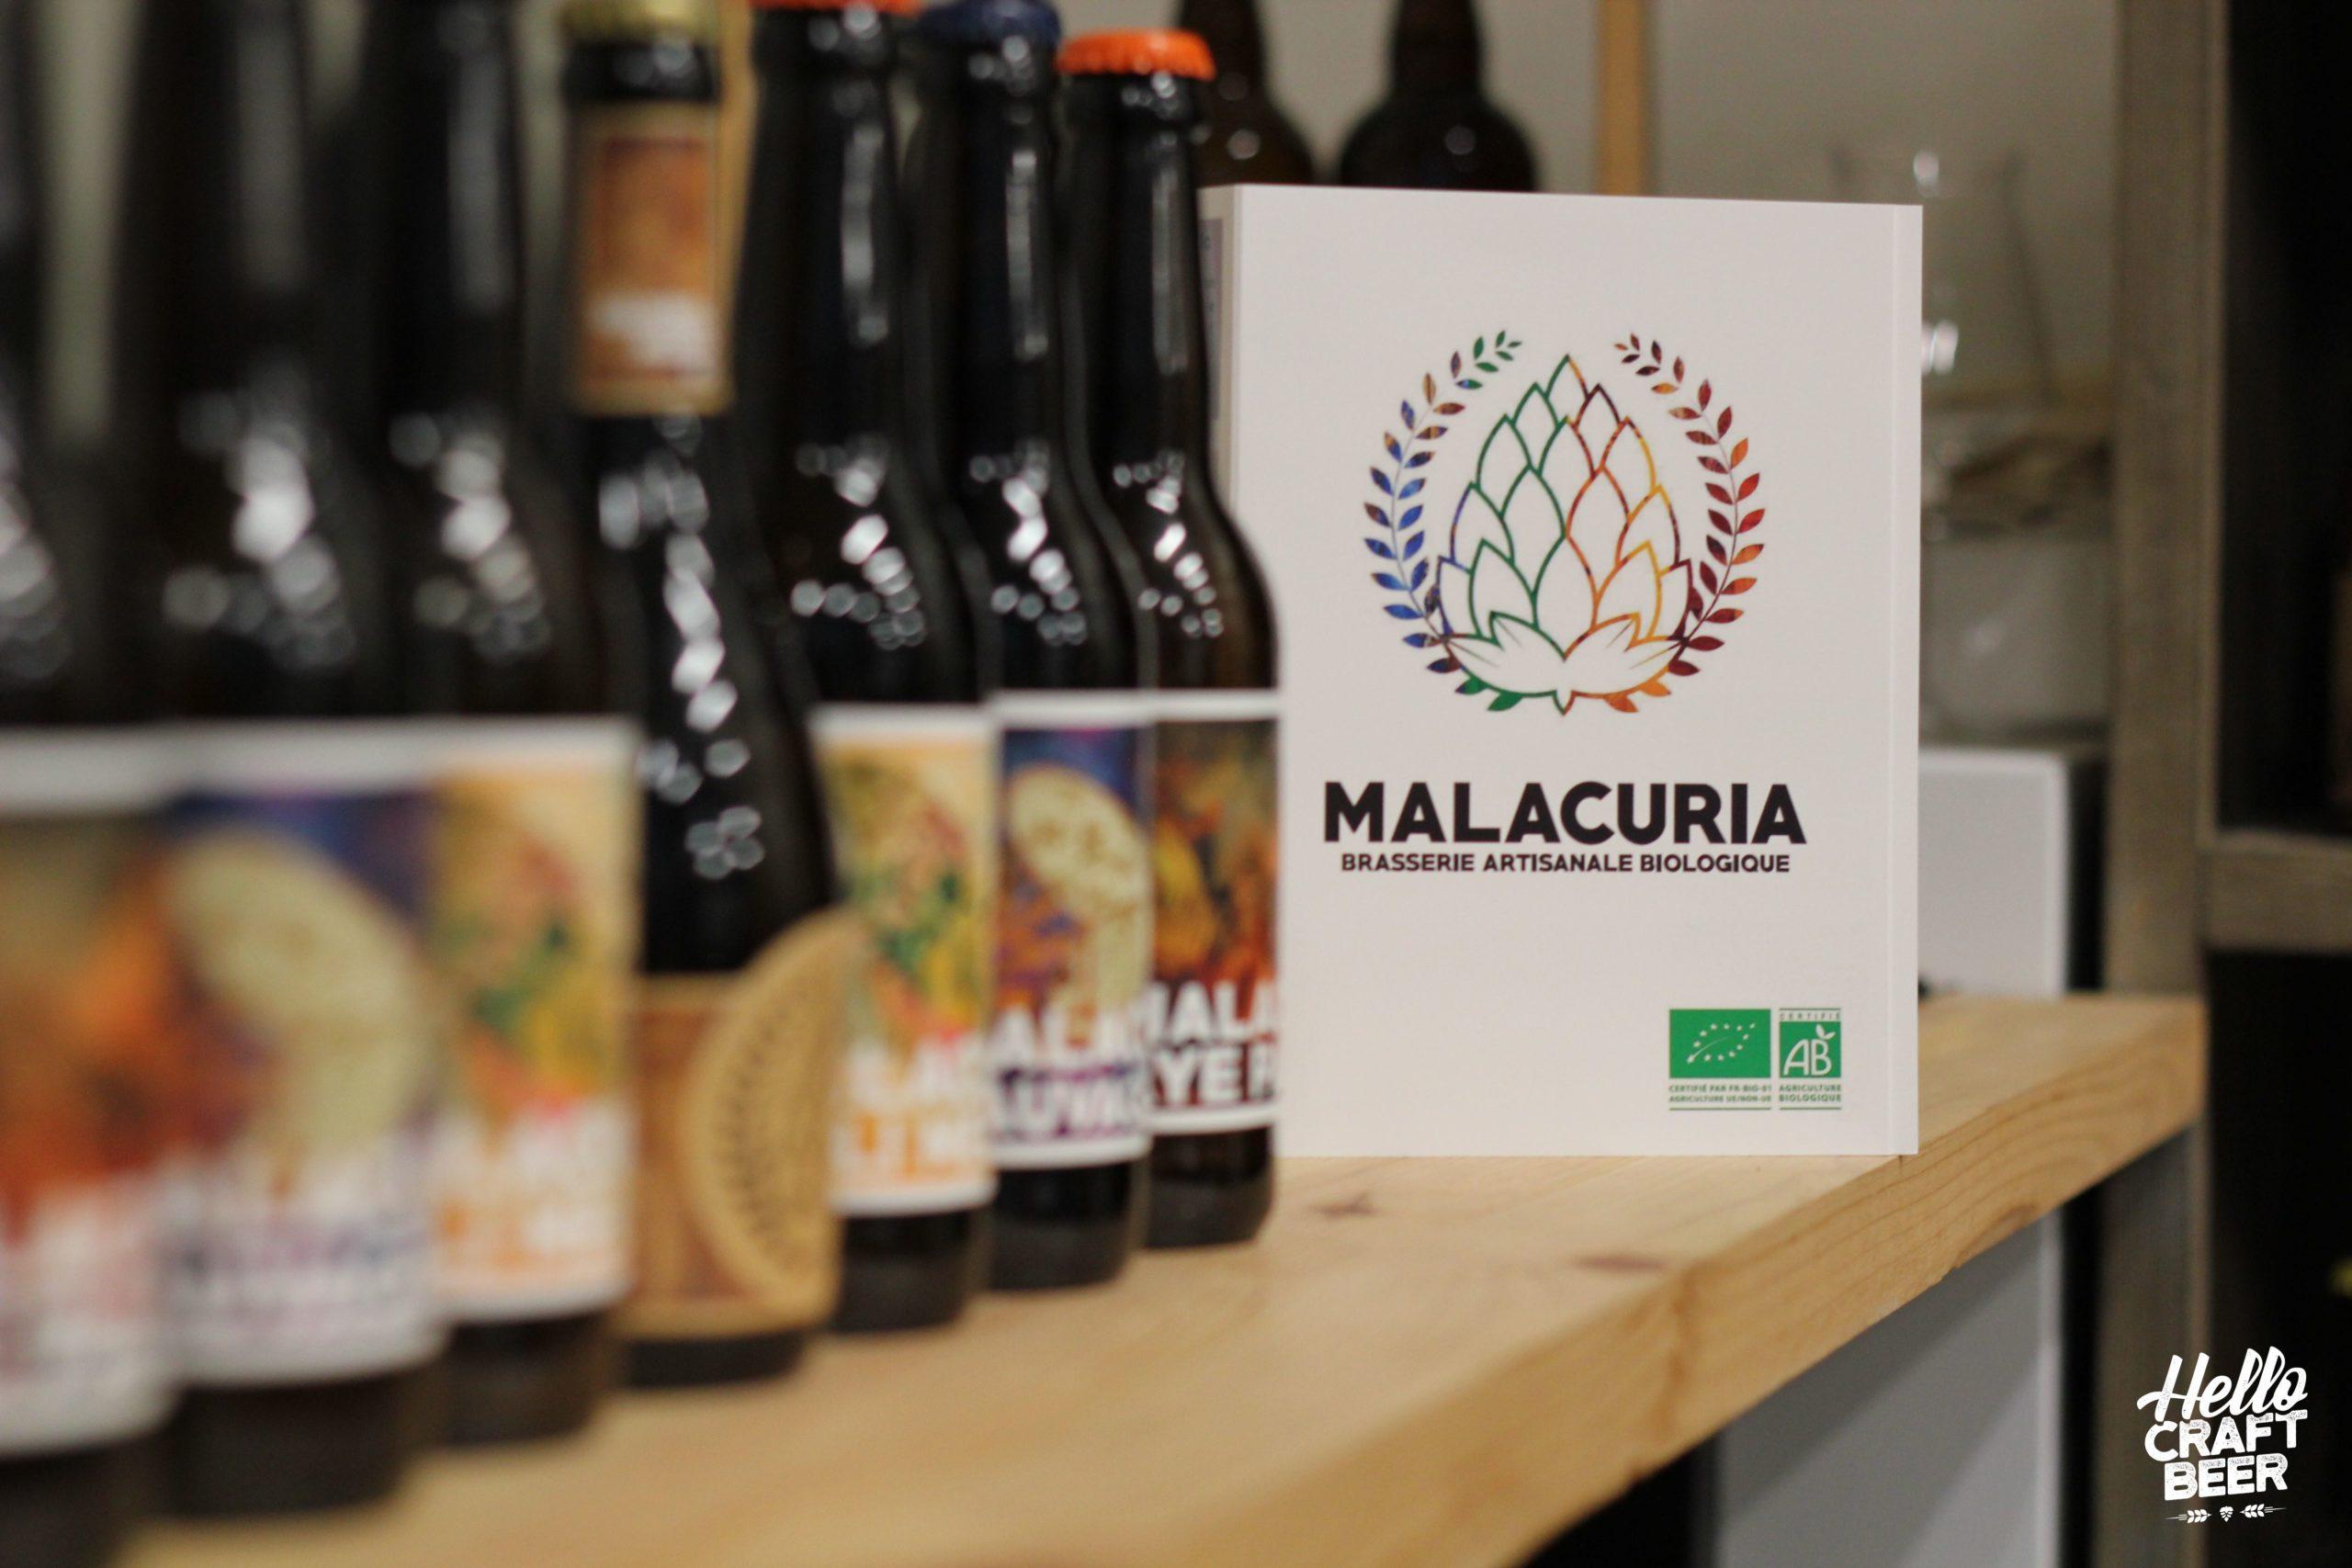 Bouteilles de bière de la brasserie Malacuria